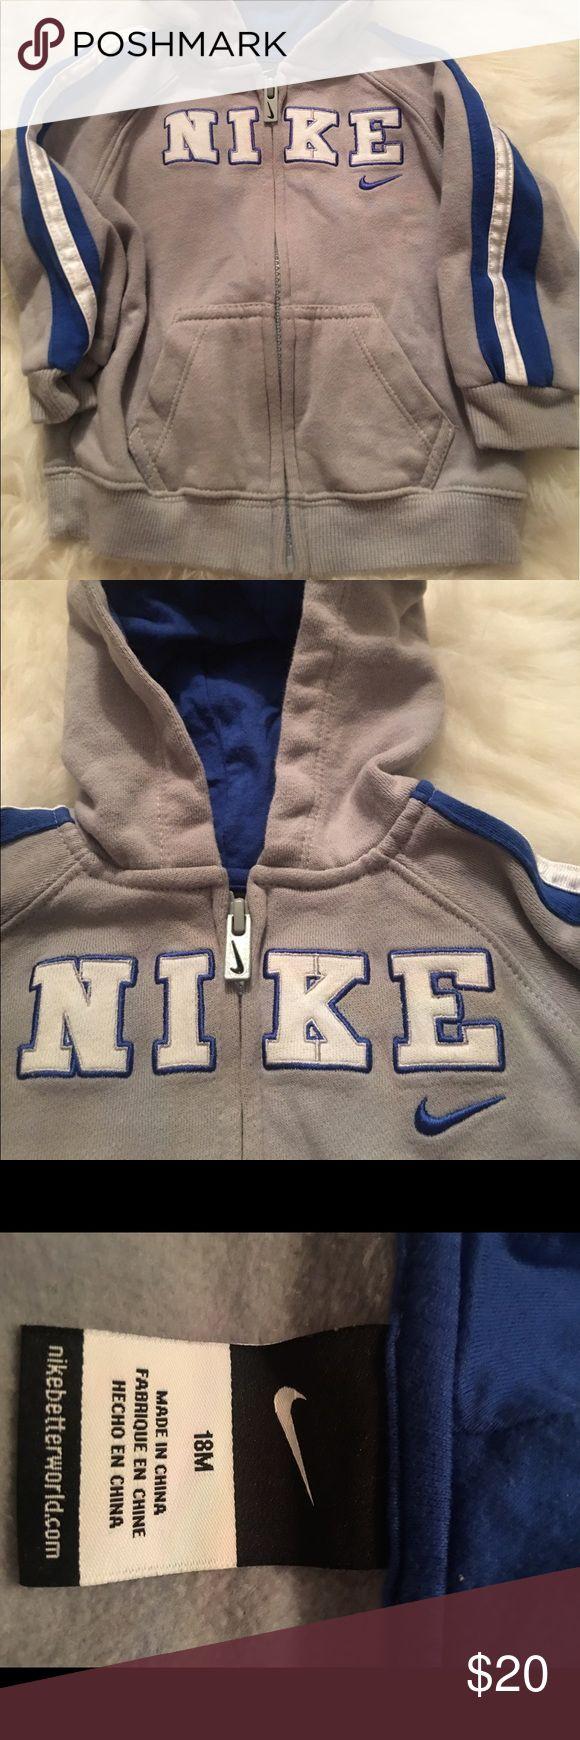 Little boys Nike zip up hoodie Gray blue and white 18mths zip up hoodie size 18mths Nike Shirts & Tops Sweatshirts & Hoodies